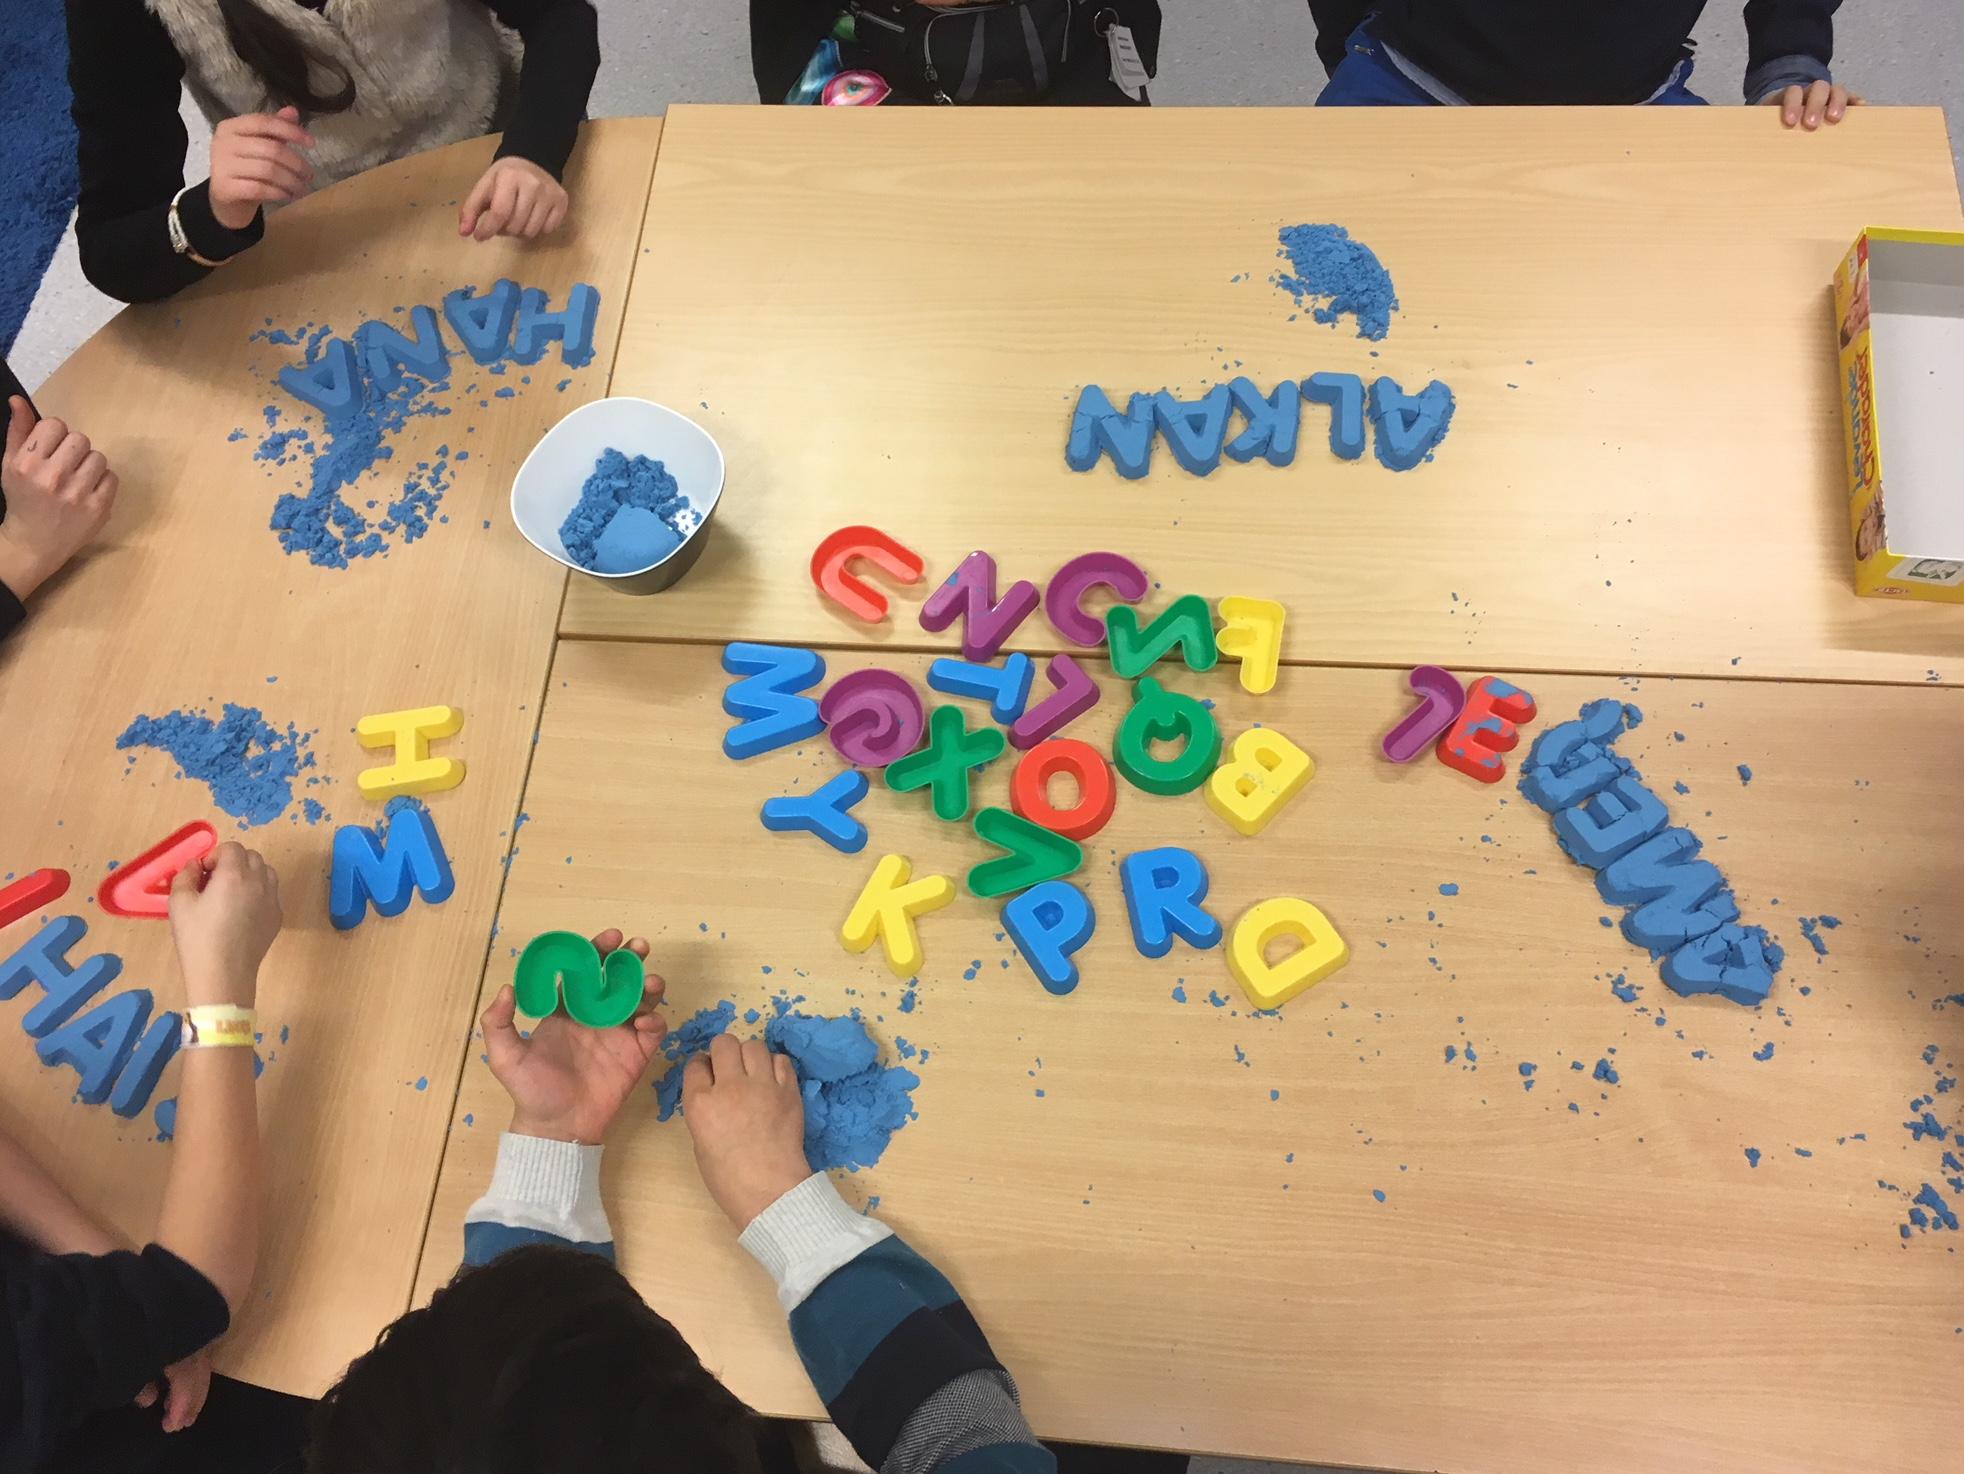 Barnhänder leker med lera och bokstavsformer.